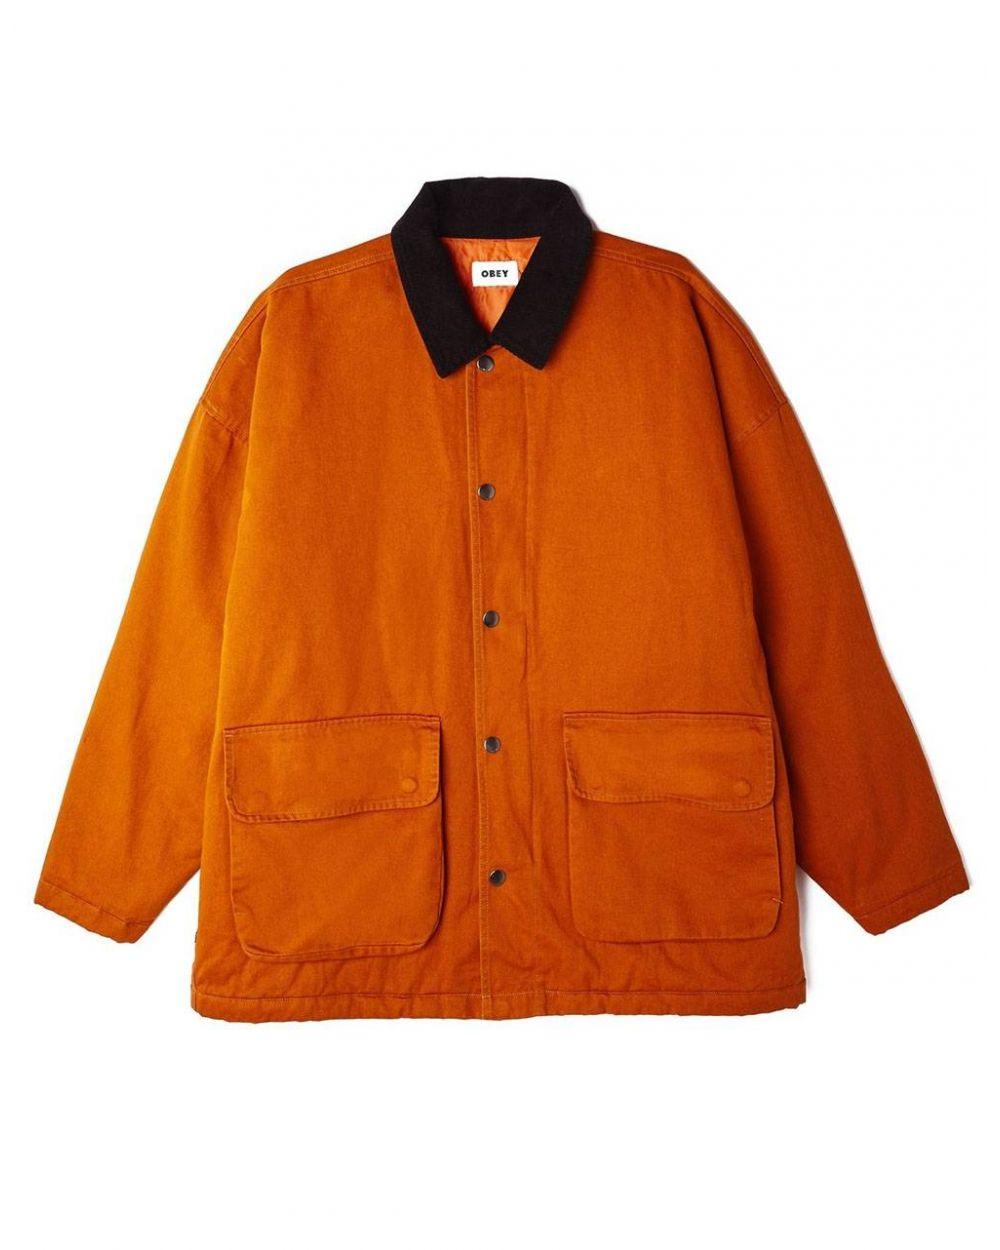 Obey far hunting jacket - pumpkin spice obey Jacket 199,00€